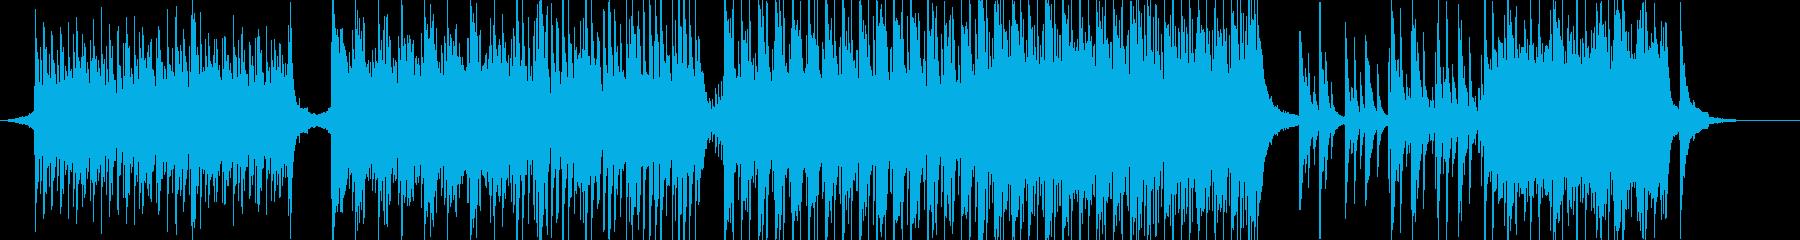 優しい→雄大-爽やか-企業-PV・CMの再生済みの波形